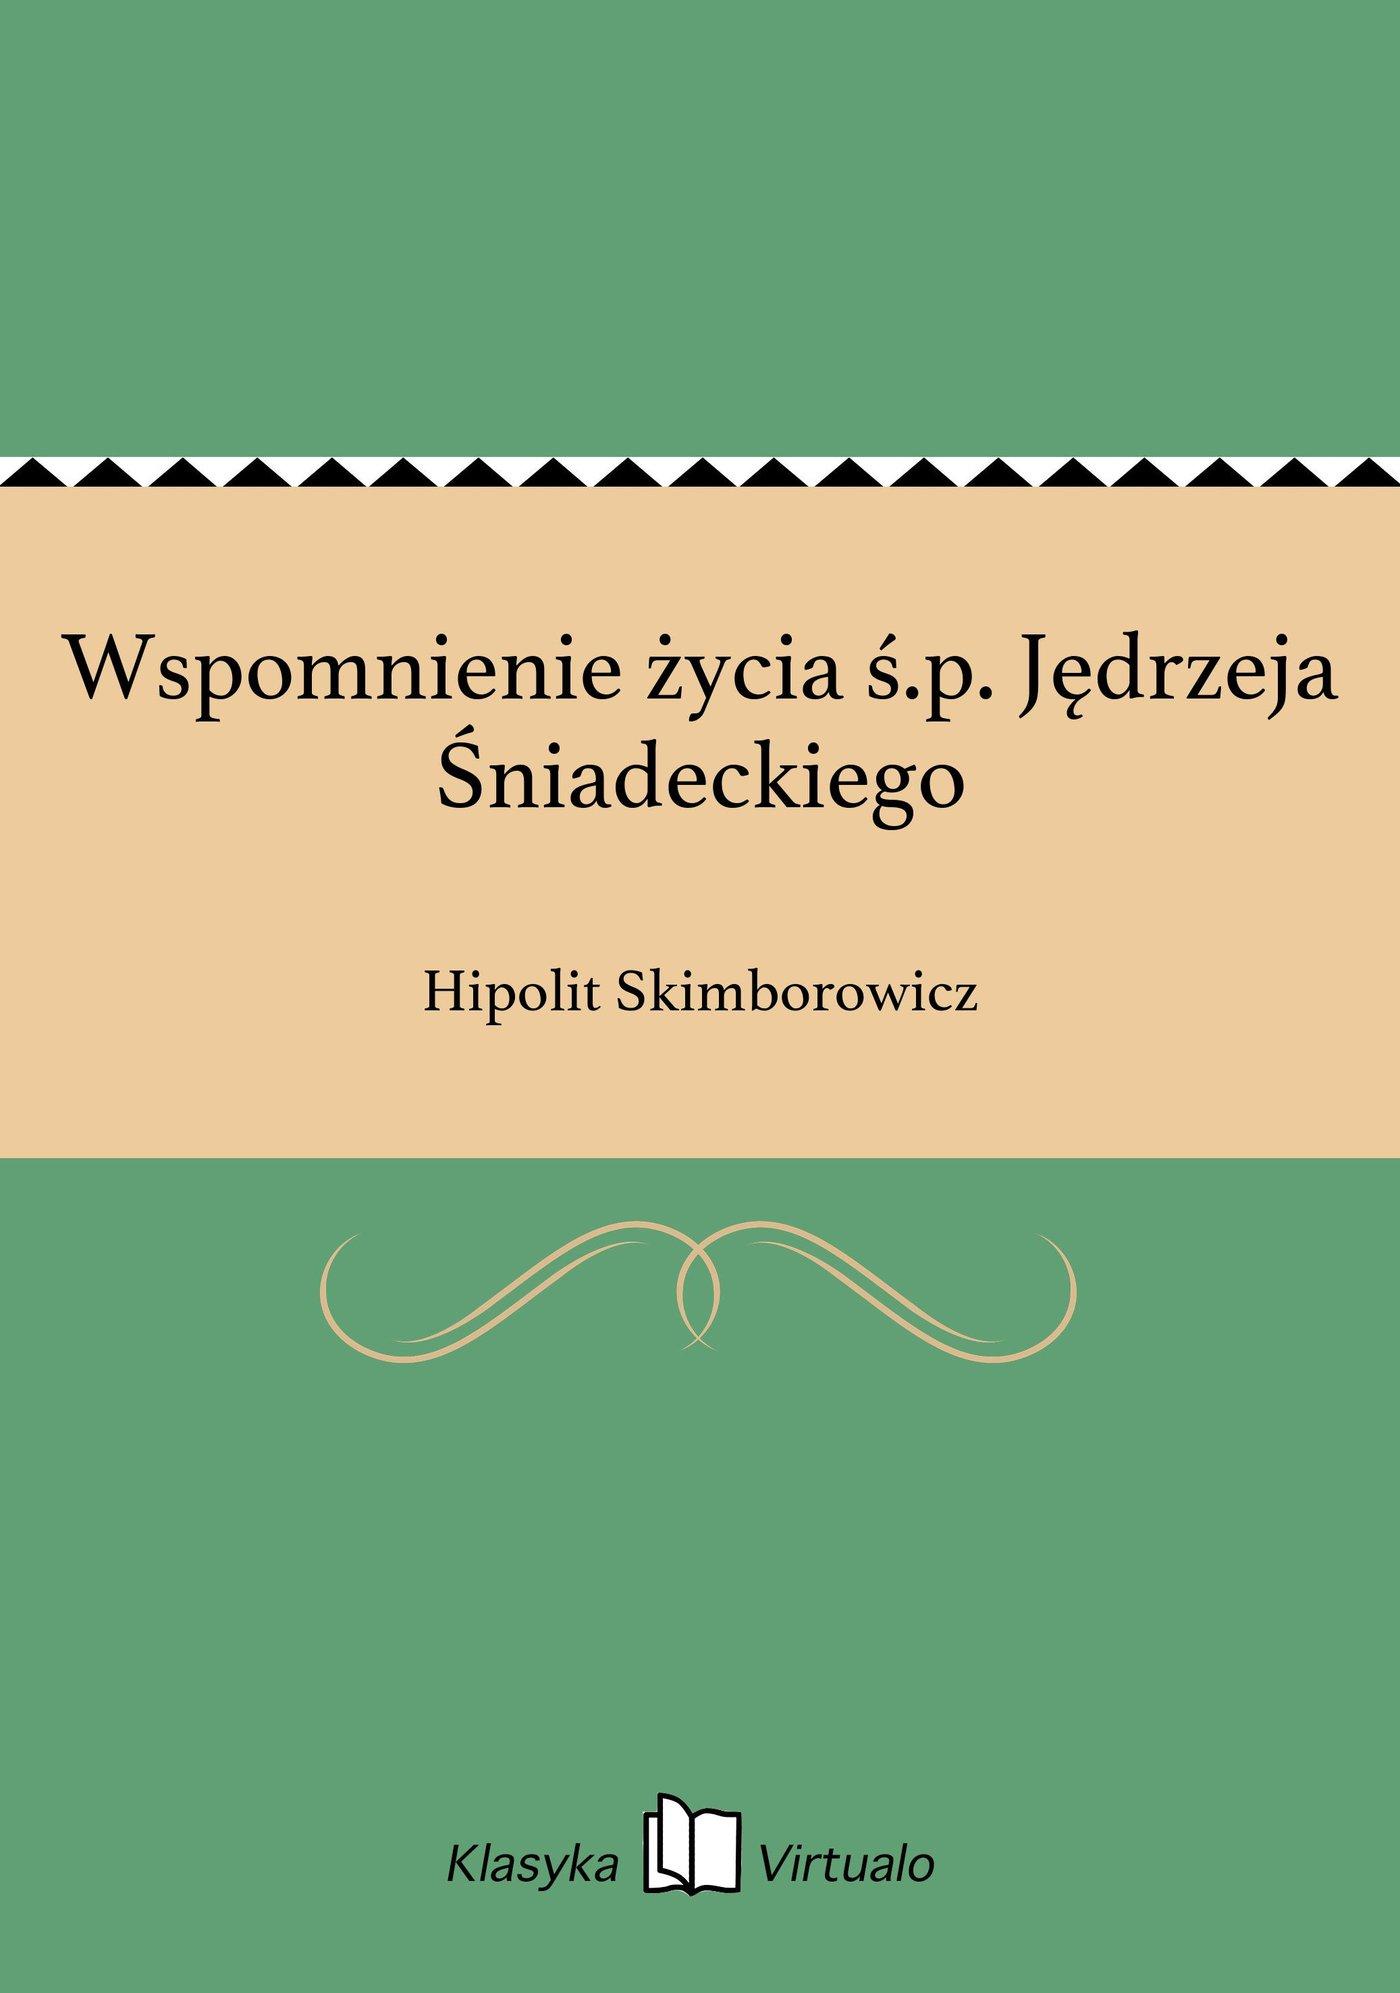 Wspomnienie życia ś.p. Jędrzeja Śniadeckiego - Ebook (Książka EPUB) do pobrania w formacie EPUB